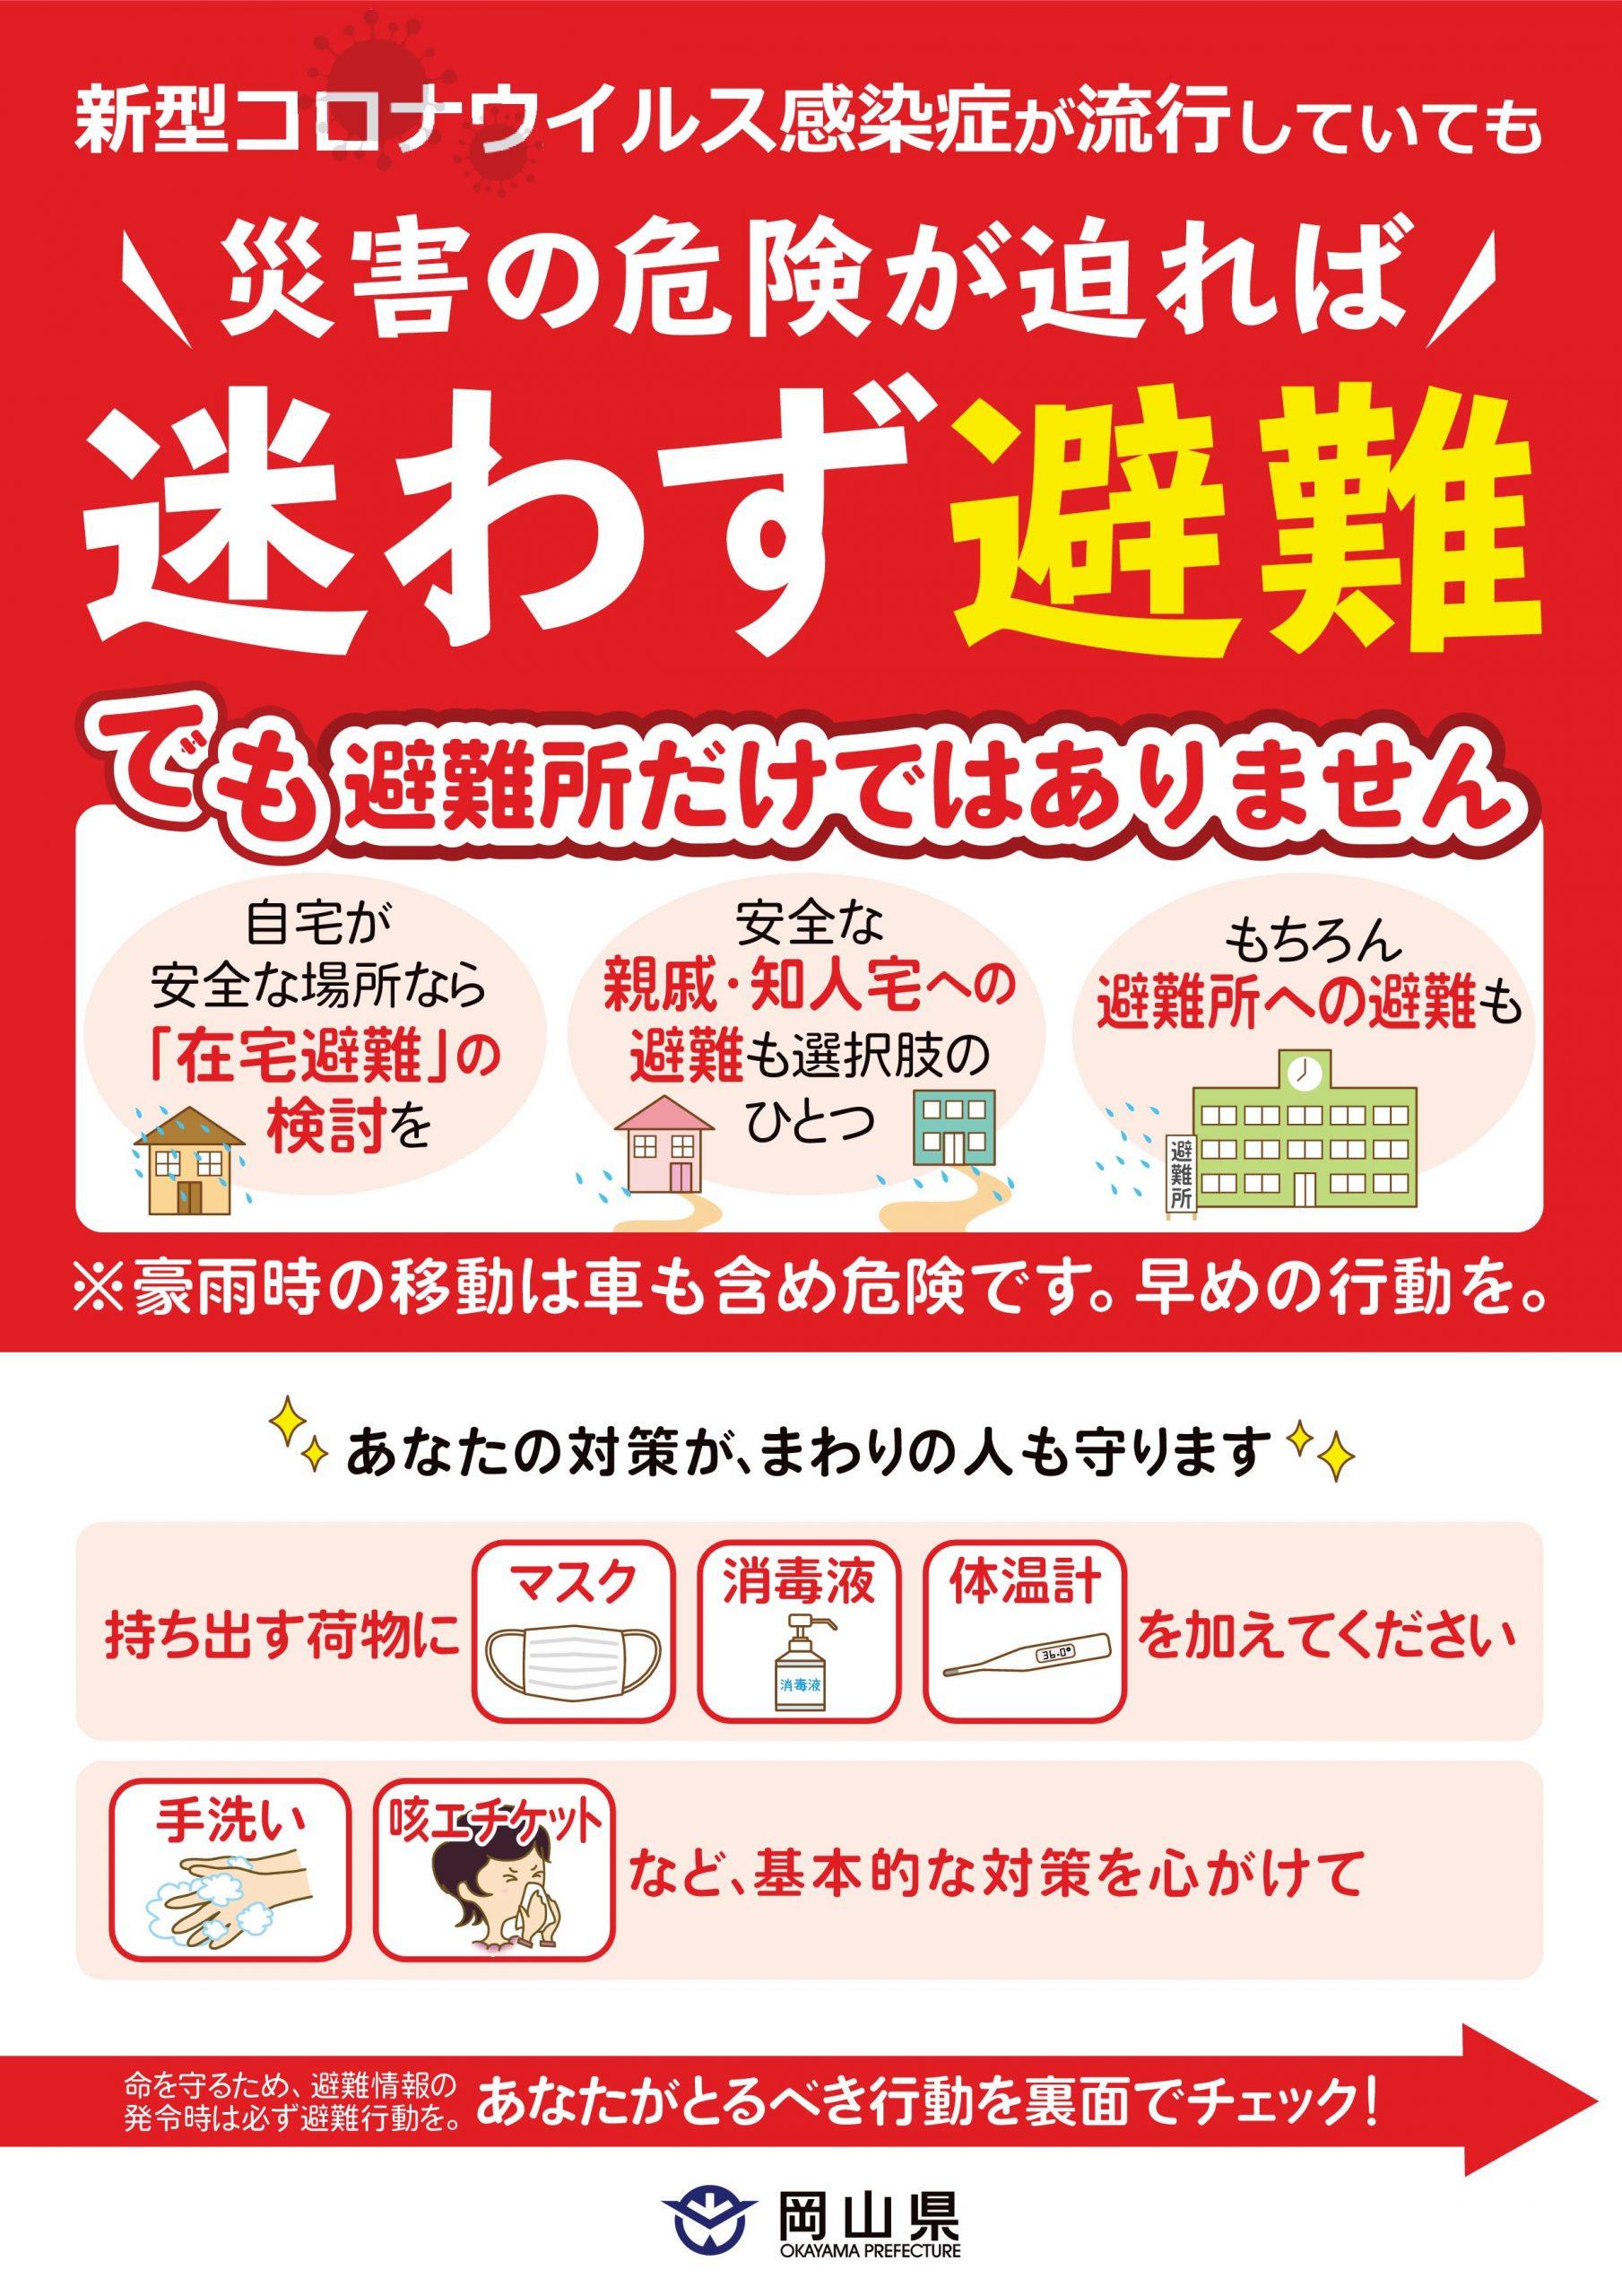 岡山 防災 ポータル